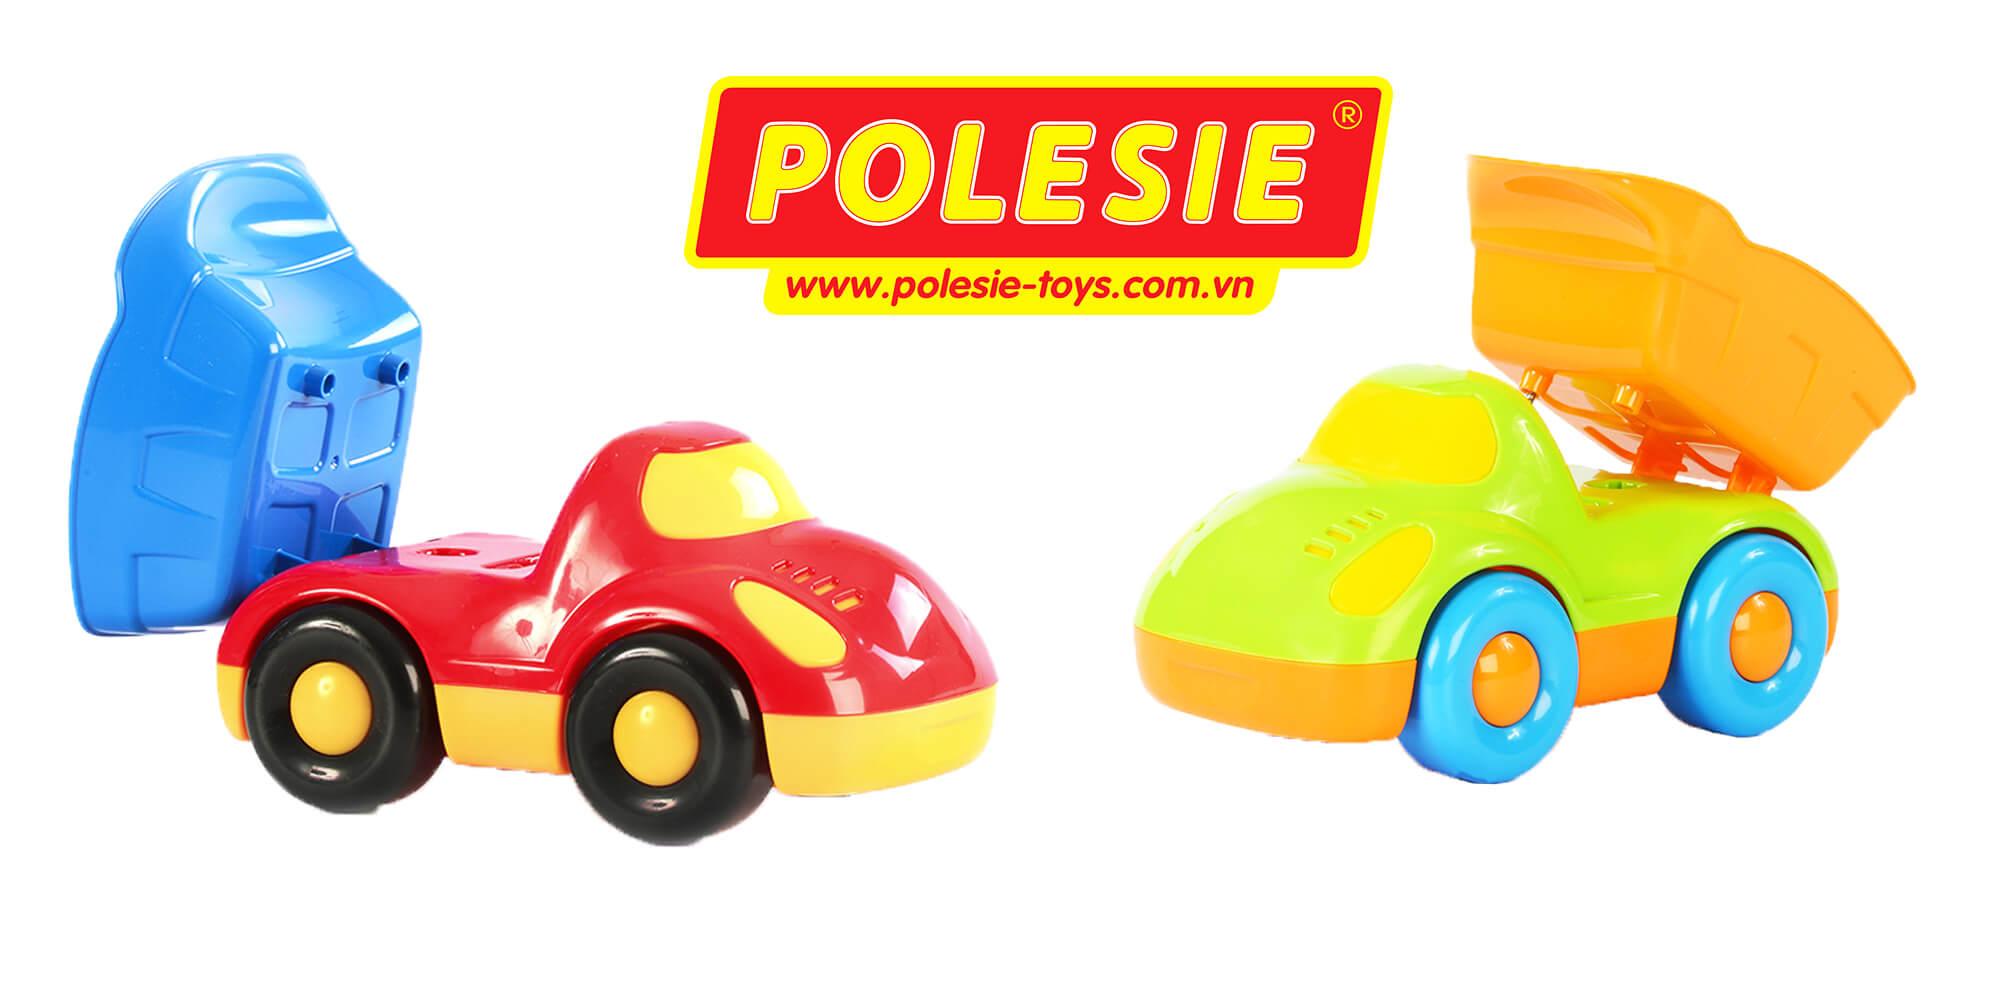 đồ chơi dành cho trẻ em xe tải Buddy Polesie Việt Nam